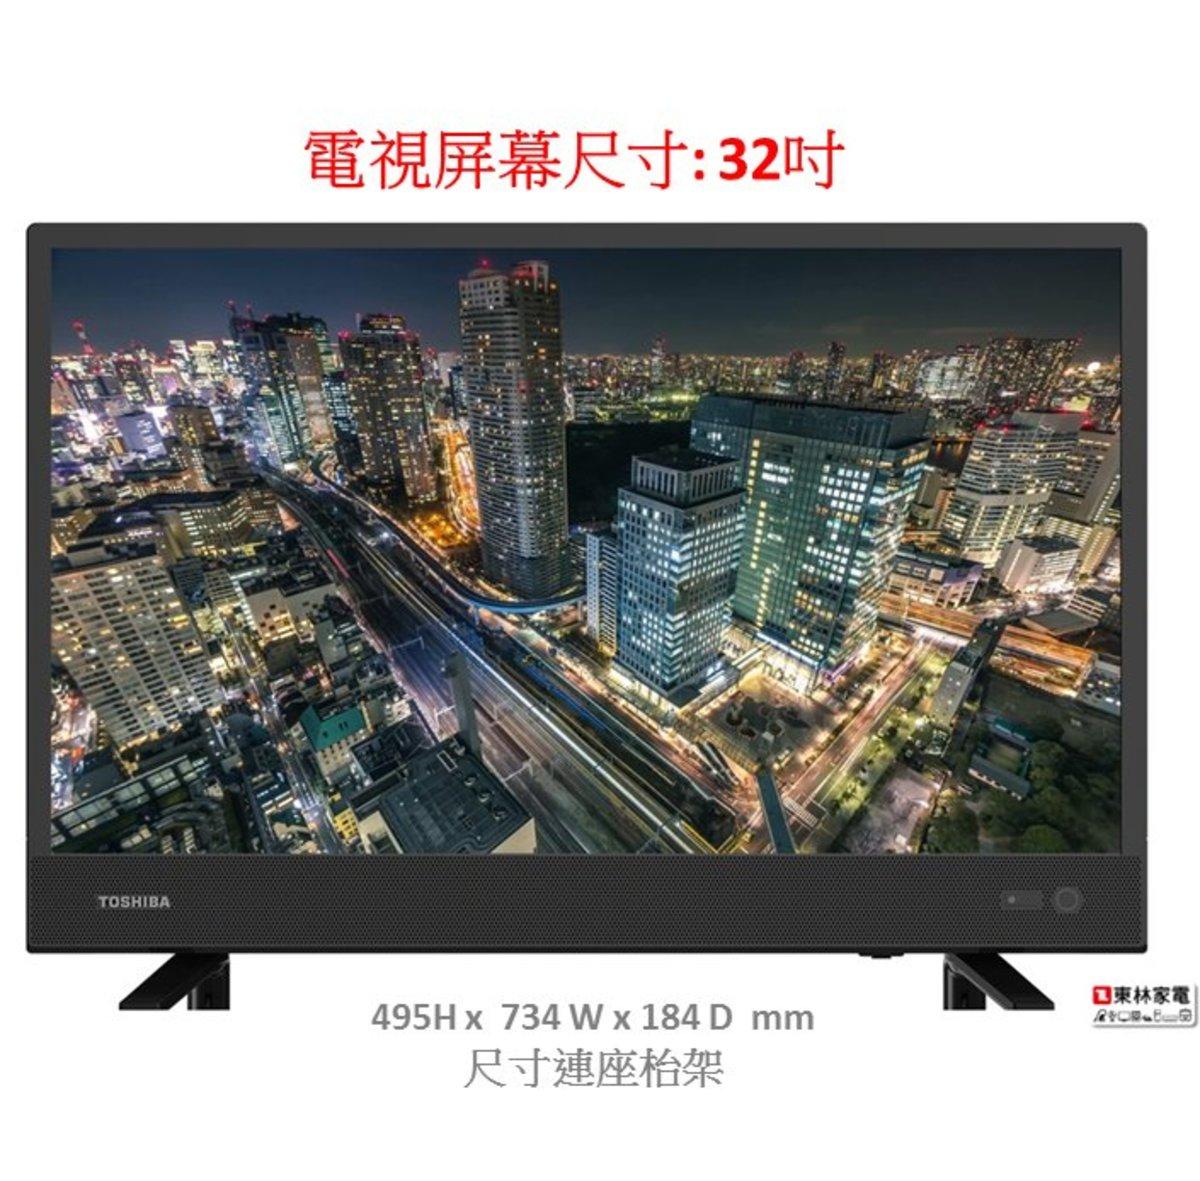 32吋 LED TV內置數碼頻道32L3750H